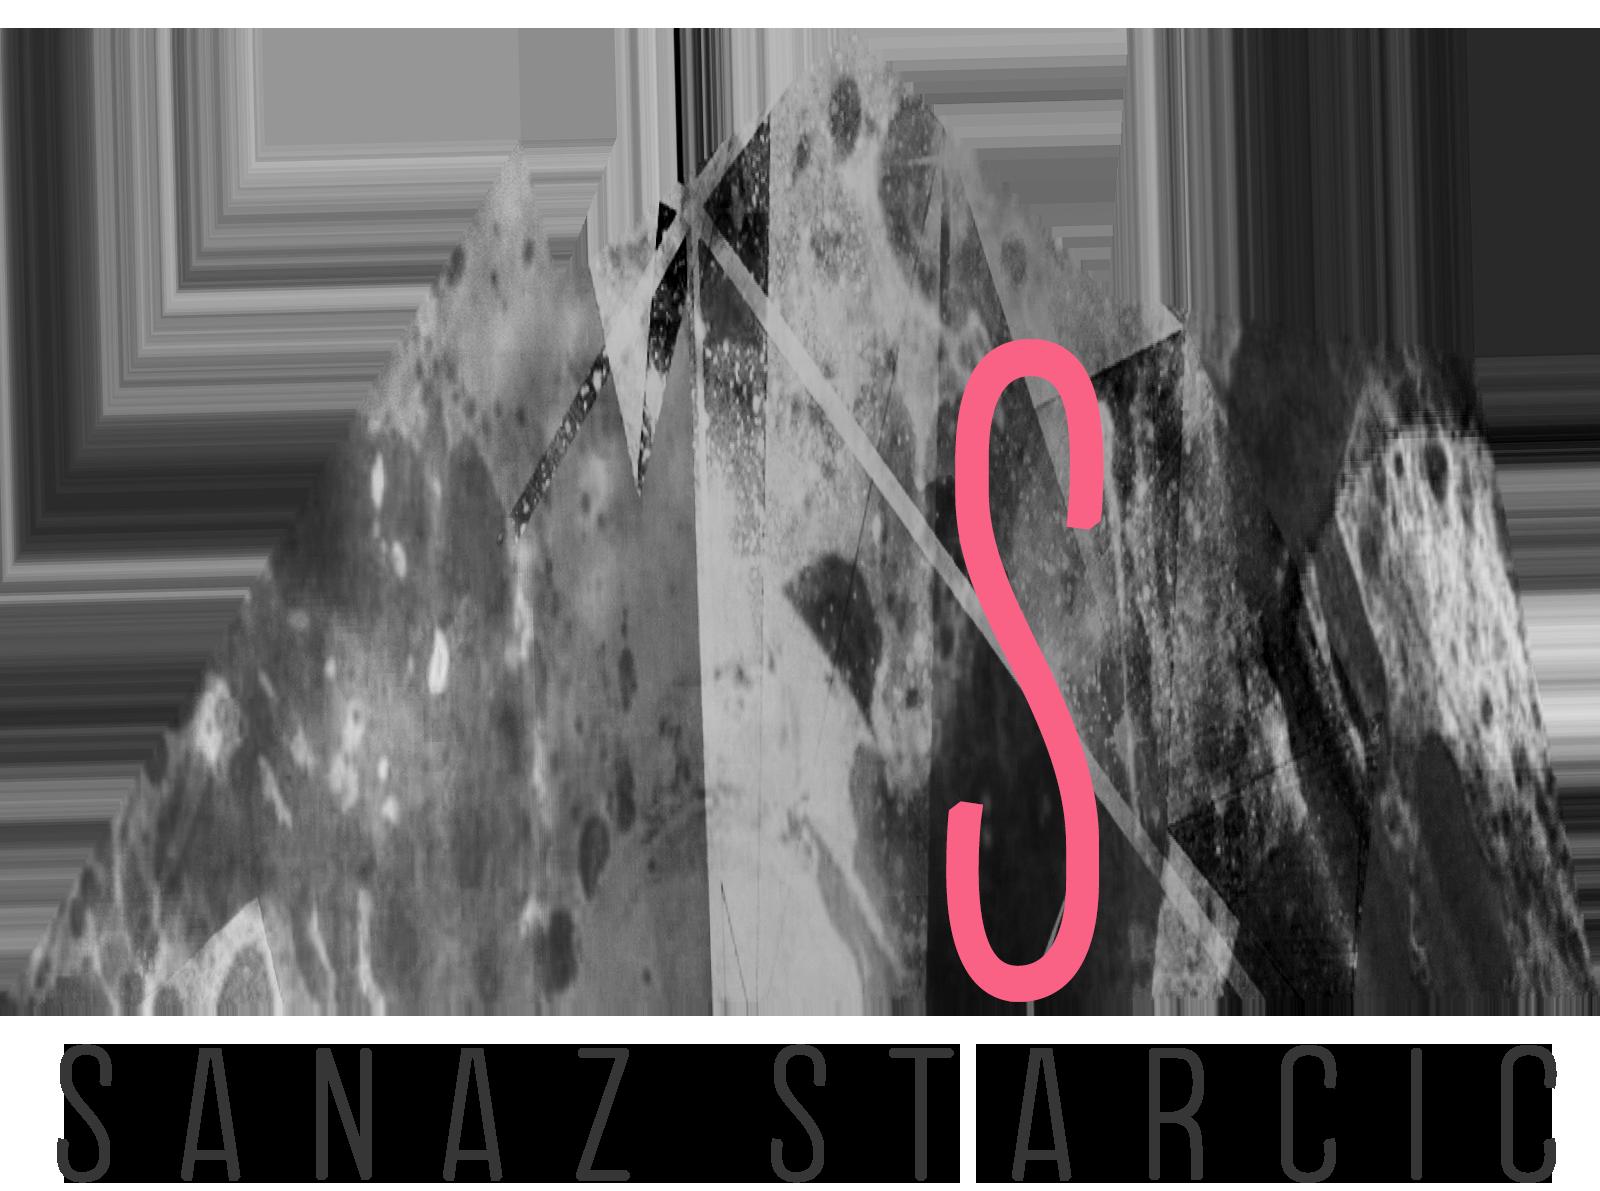 Sanaz Starcic